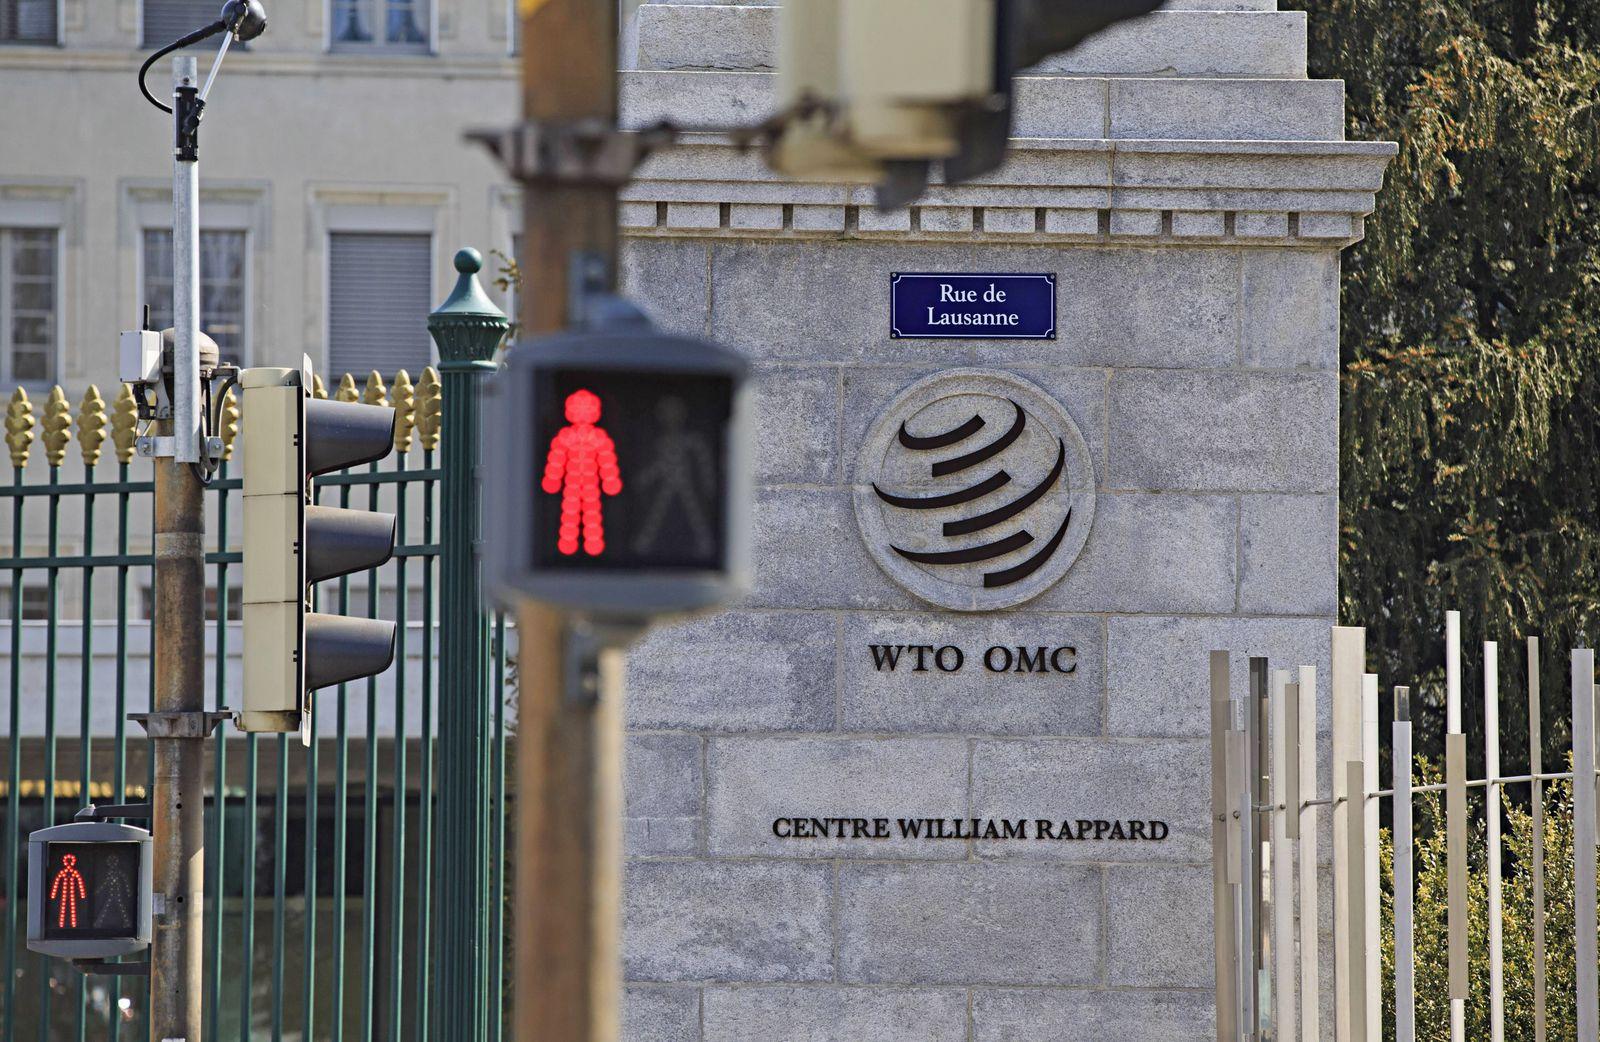 190402 GENEVA April 2 2019 Xinhua Photo taken on April 2 2019 shows the WTO logo on the